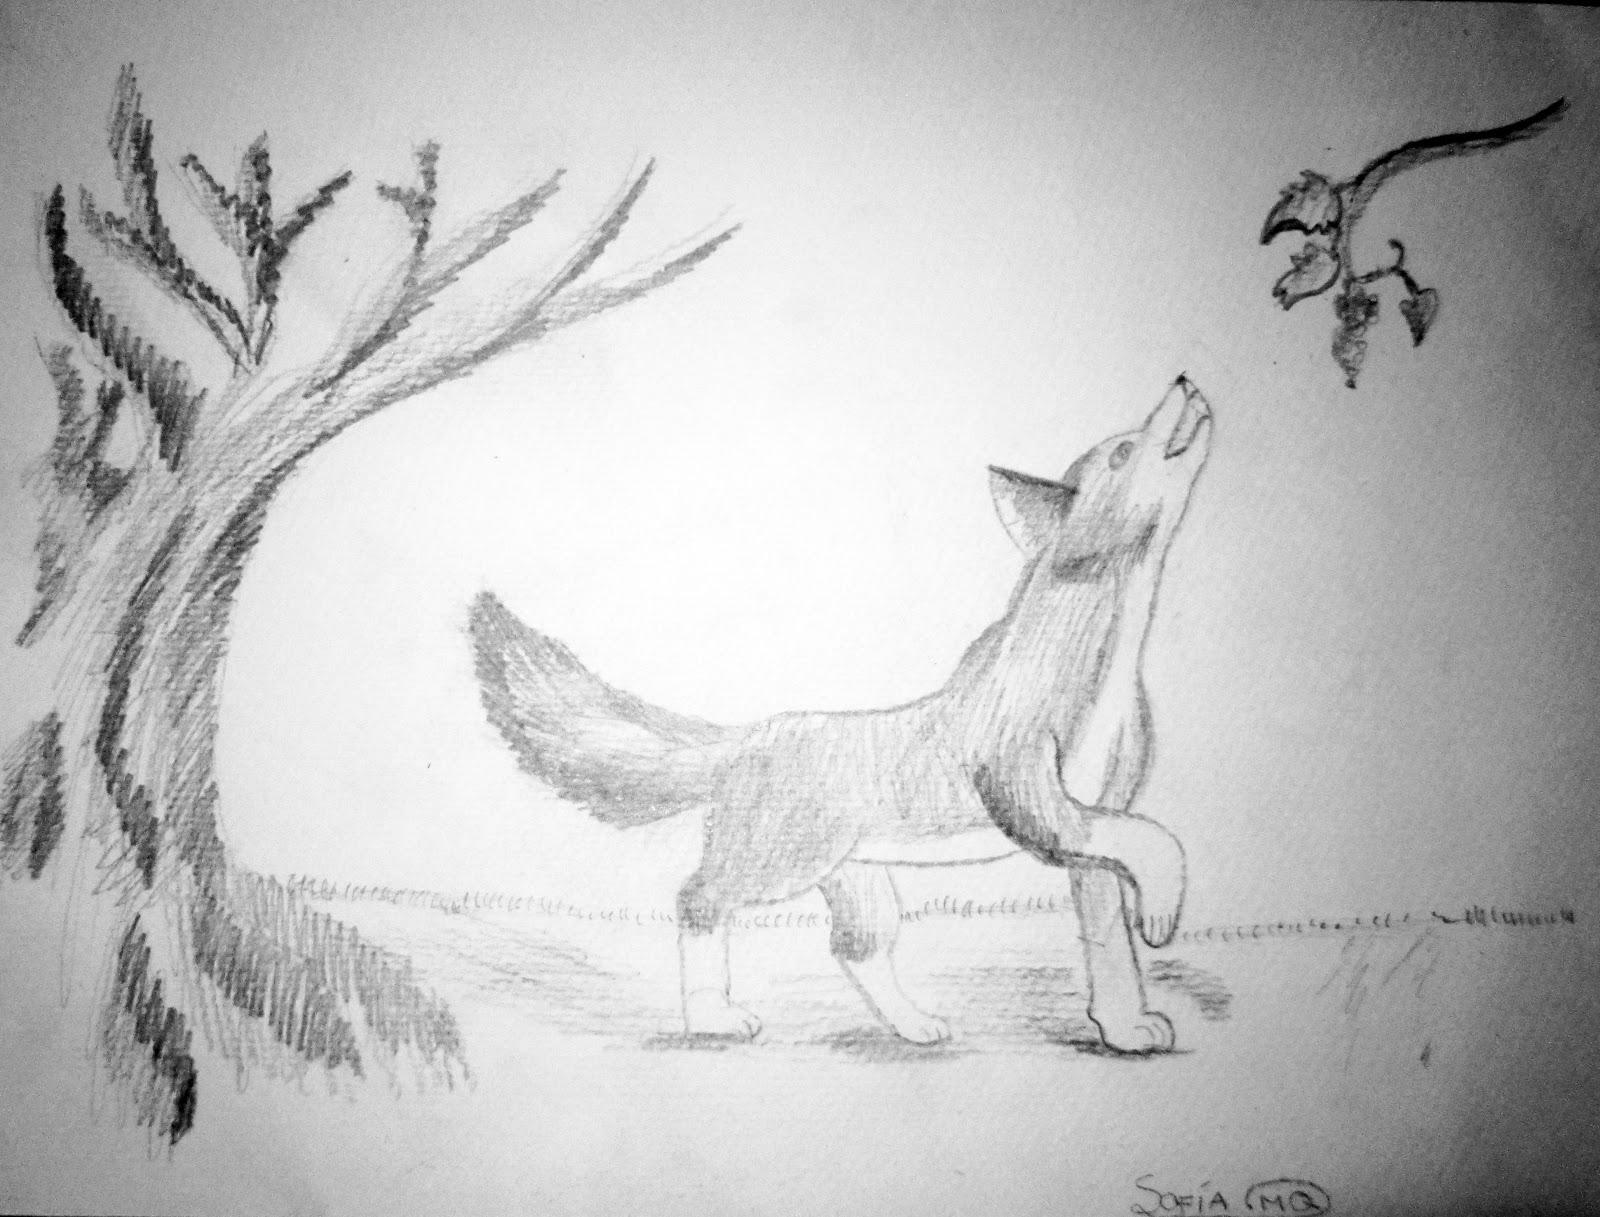 PEQUEOS ARTISTAS taller infantil y juvenil de dibujo y pintura